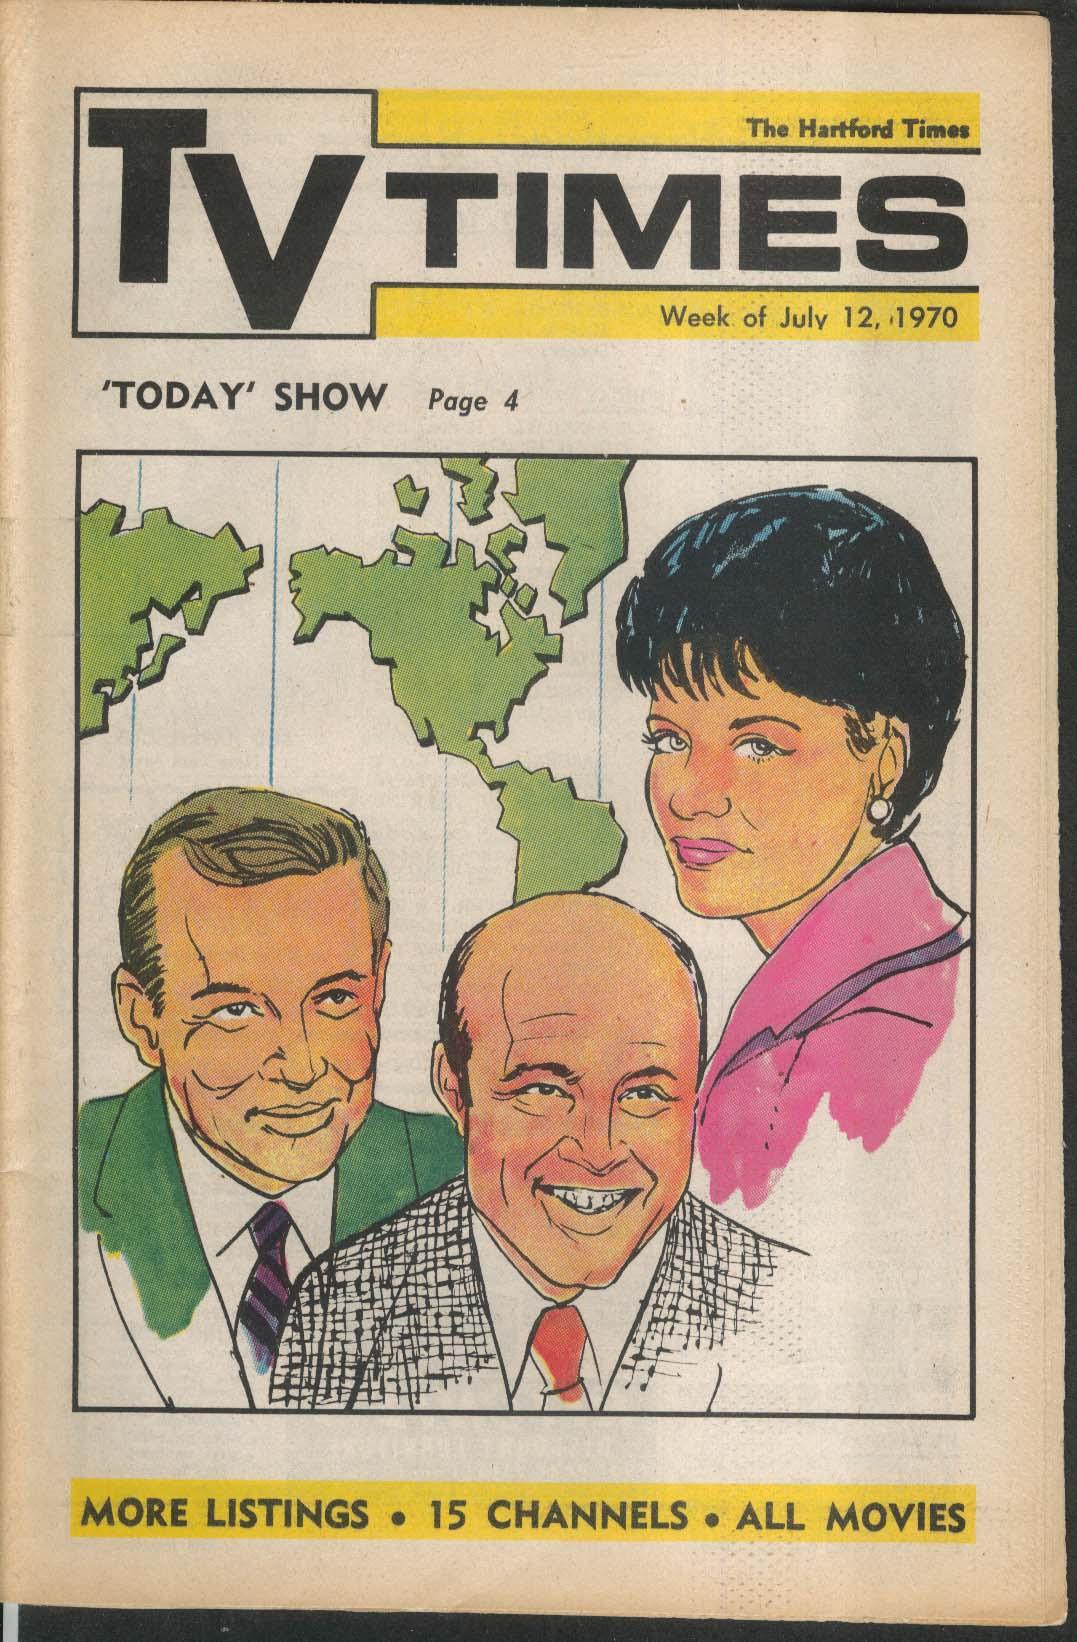 TV TIMES Dean Rusk 7/12 1970 Hartford Times